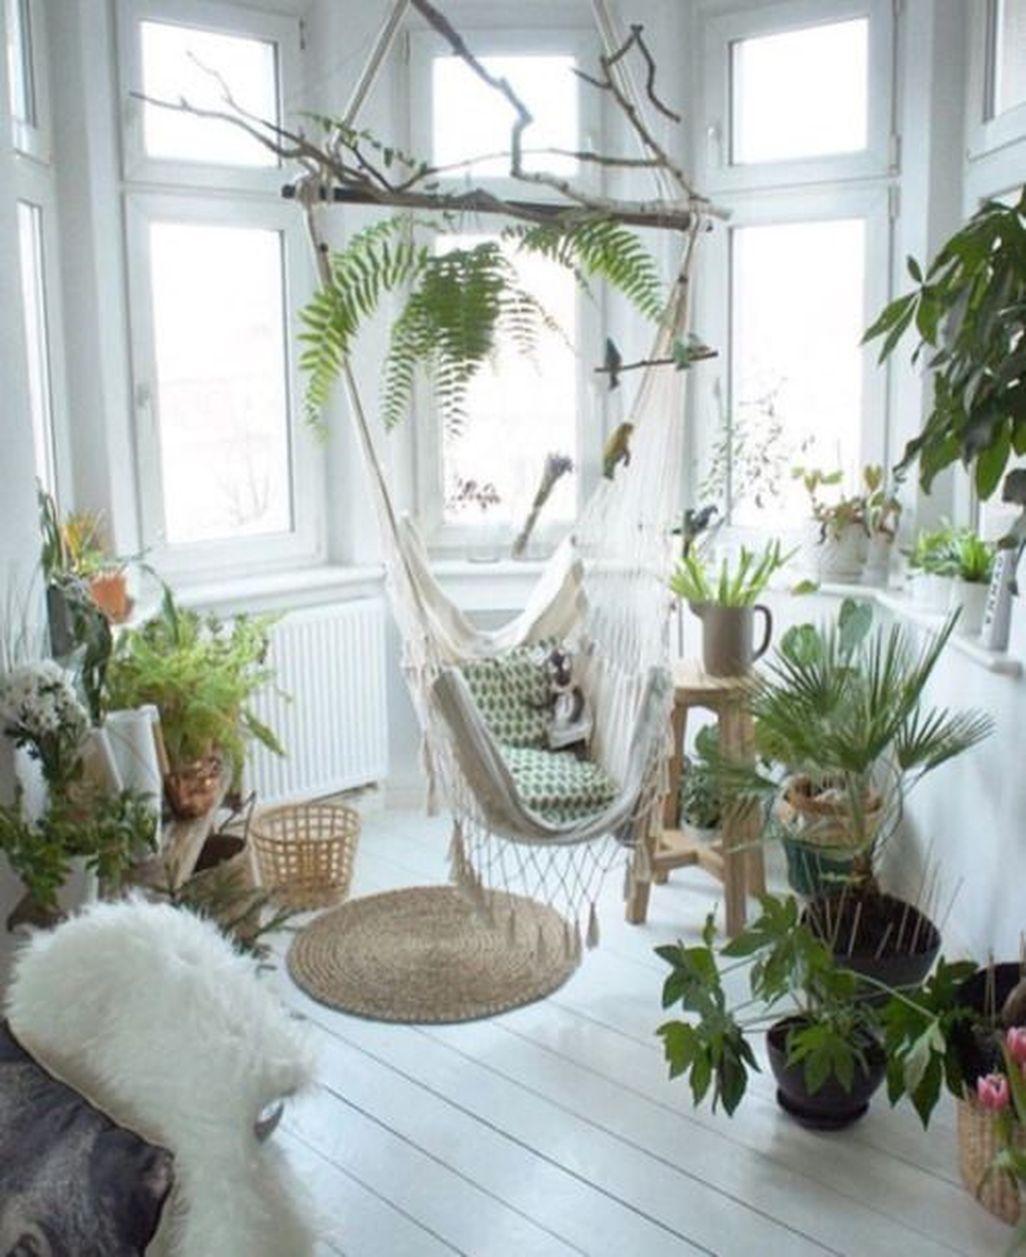 48 Amazing Indoor Plants Decor Ideas